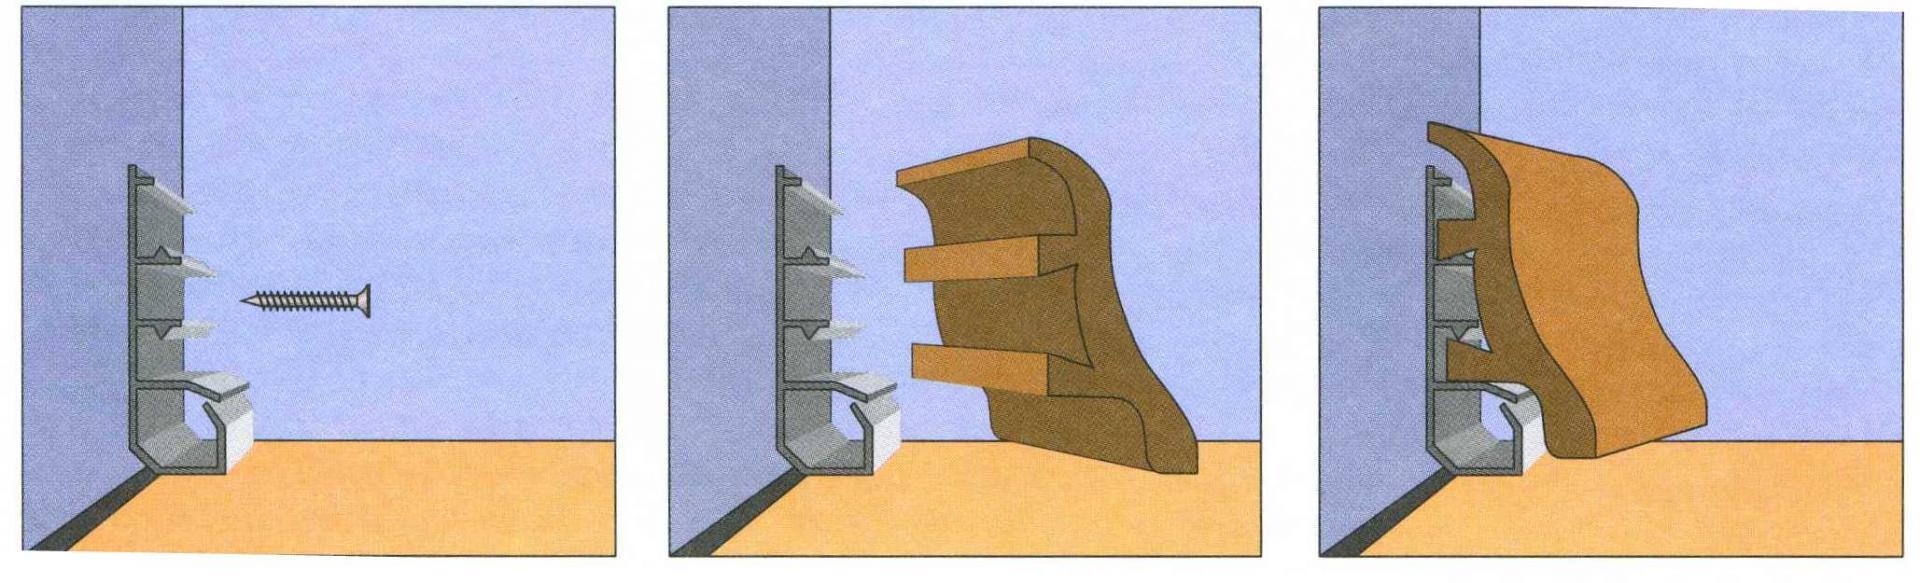 Как загнуть потолочный плинтус по радиусу своими руками